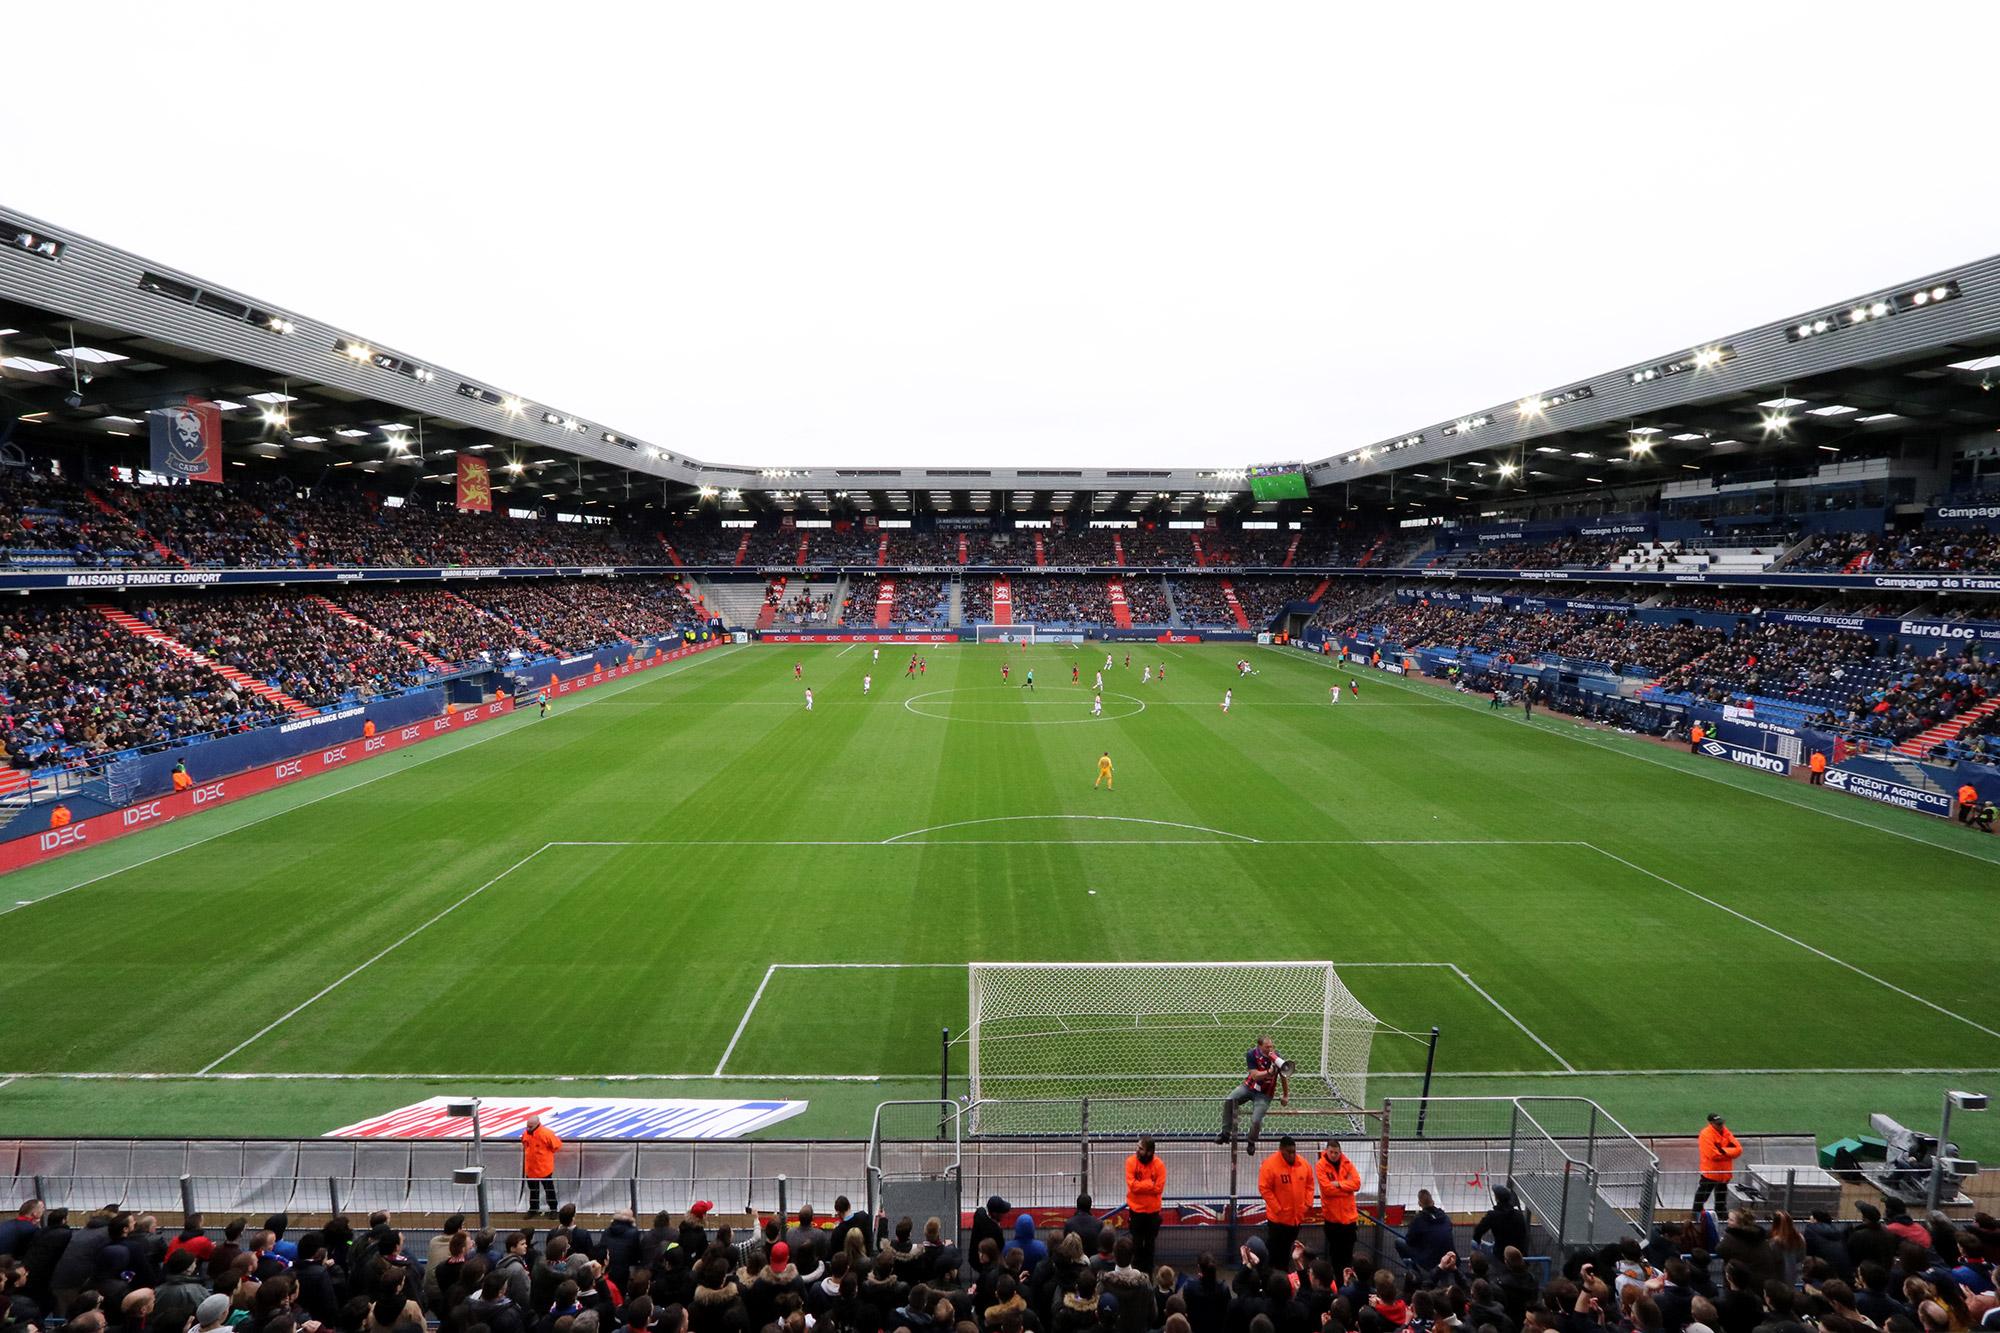 Voetbalwedstrijd van SM Caen bezoeken